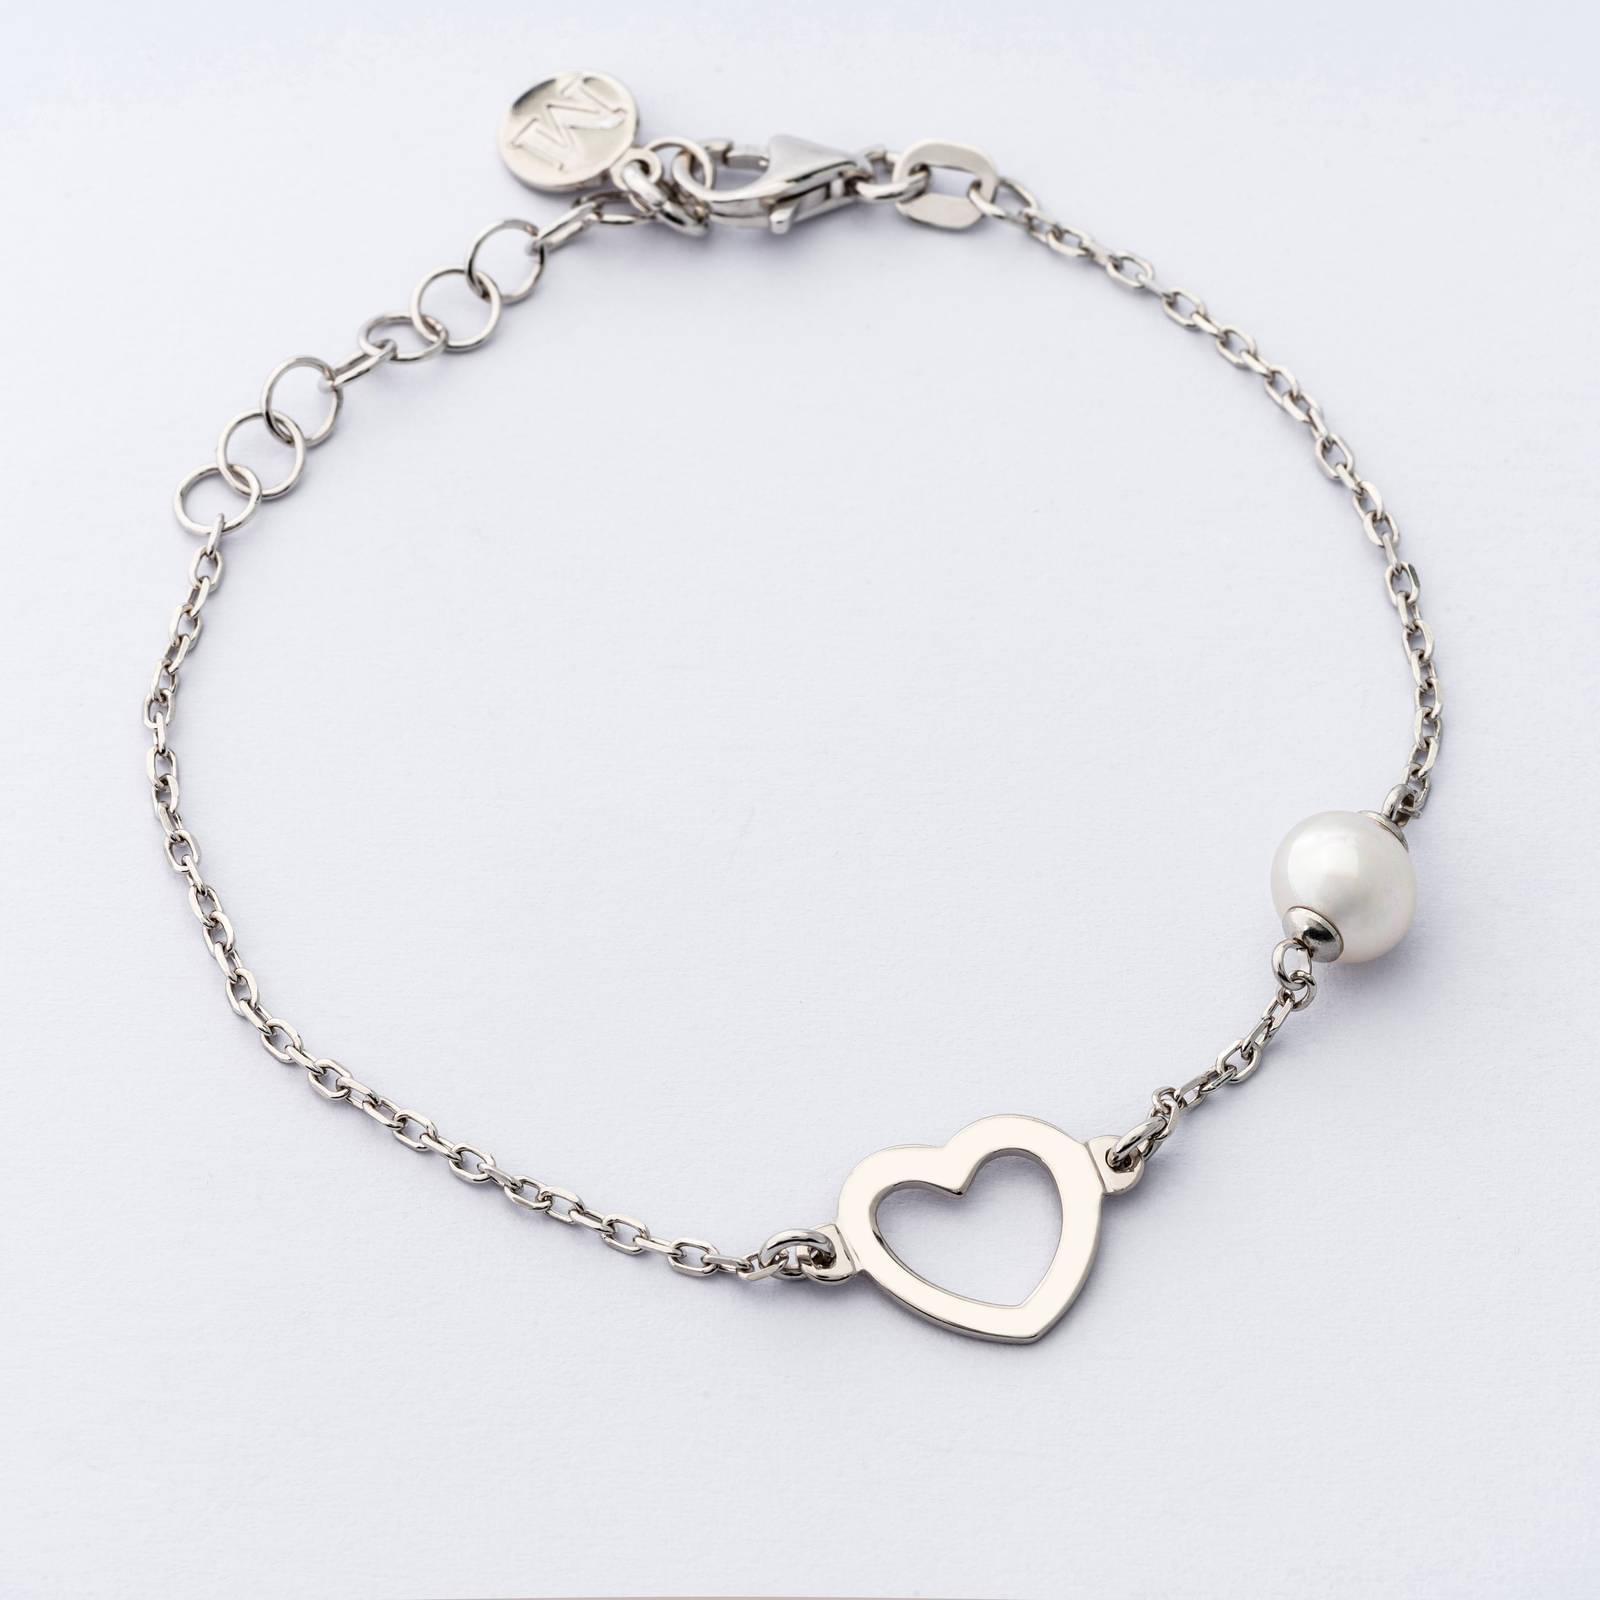 Pulseira Heart - 16390.01.2